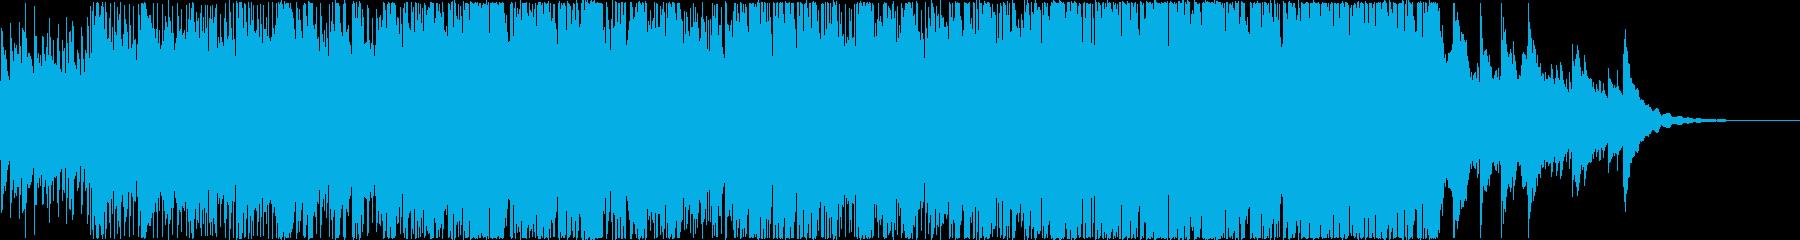 アコースティックギター中心の爽やか曲 2の再生済みの波形